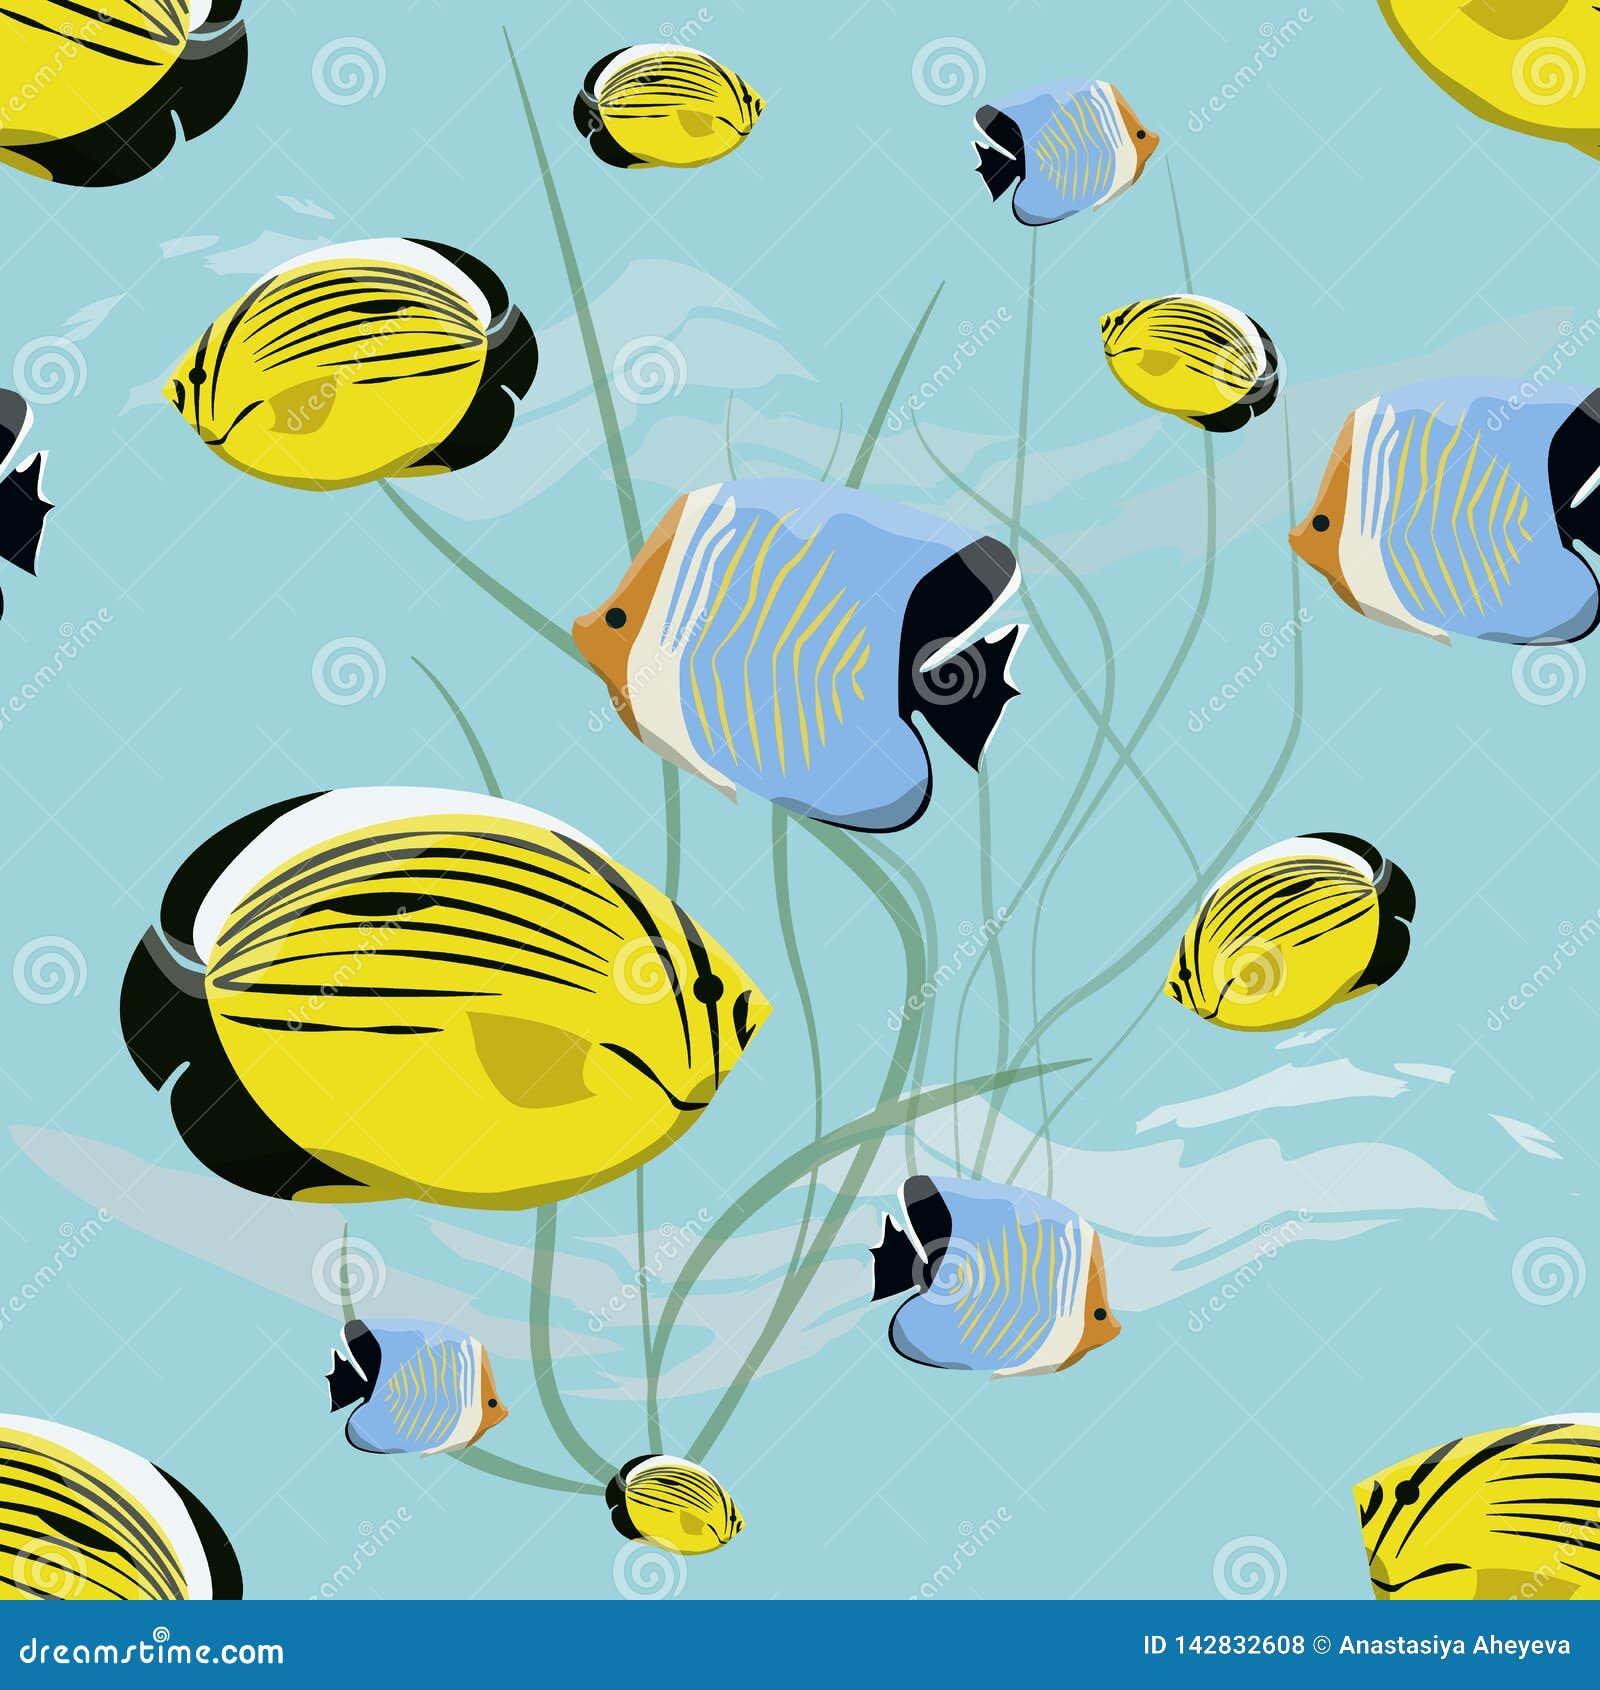 πρότυπο άνευ ραφής Ρεαλιστικός υποβρύχιος κόσμος Φωτεινά τροπικά ψάρια και άλγη